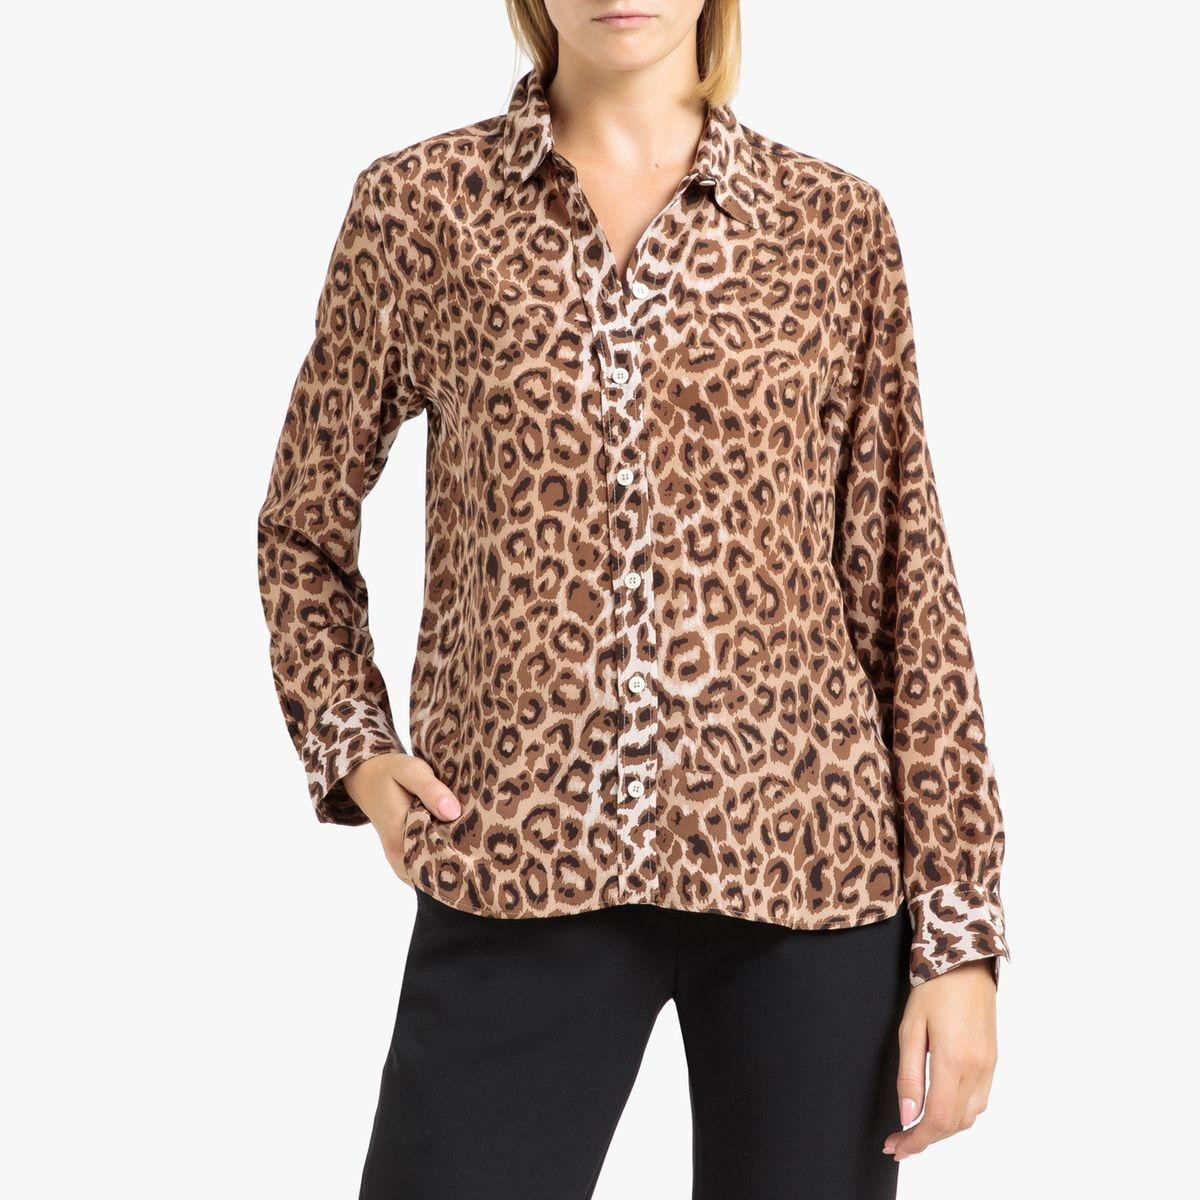 Chemise en soie, imprimé léopard à manches longues